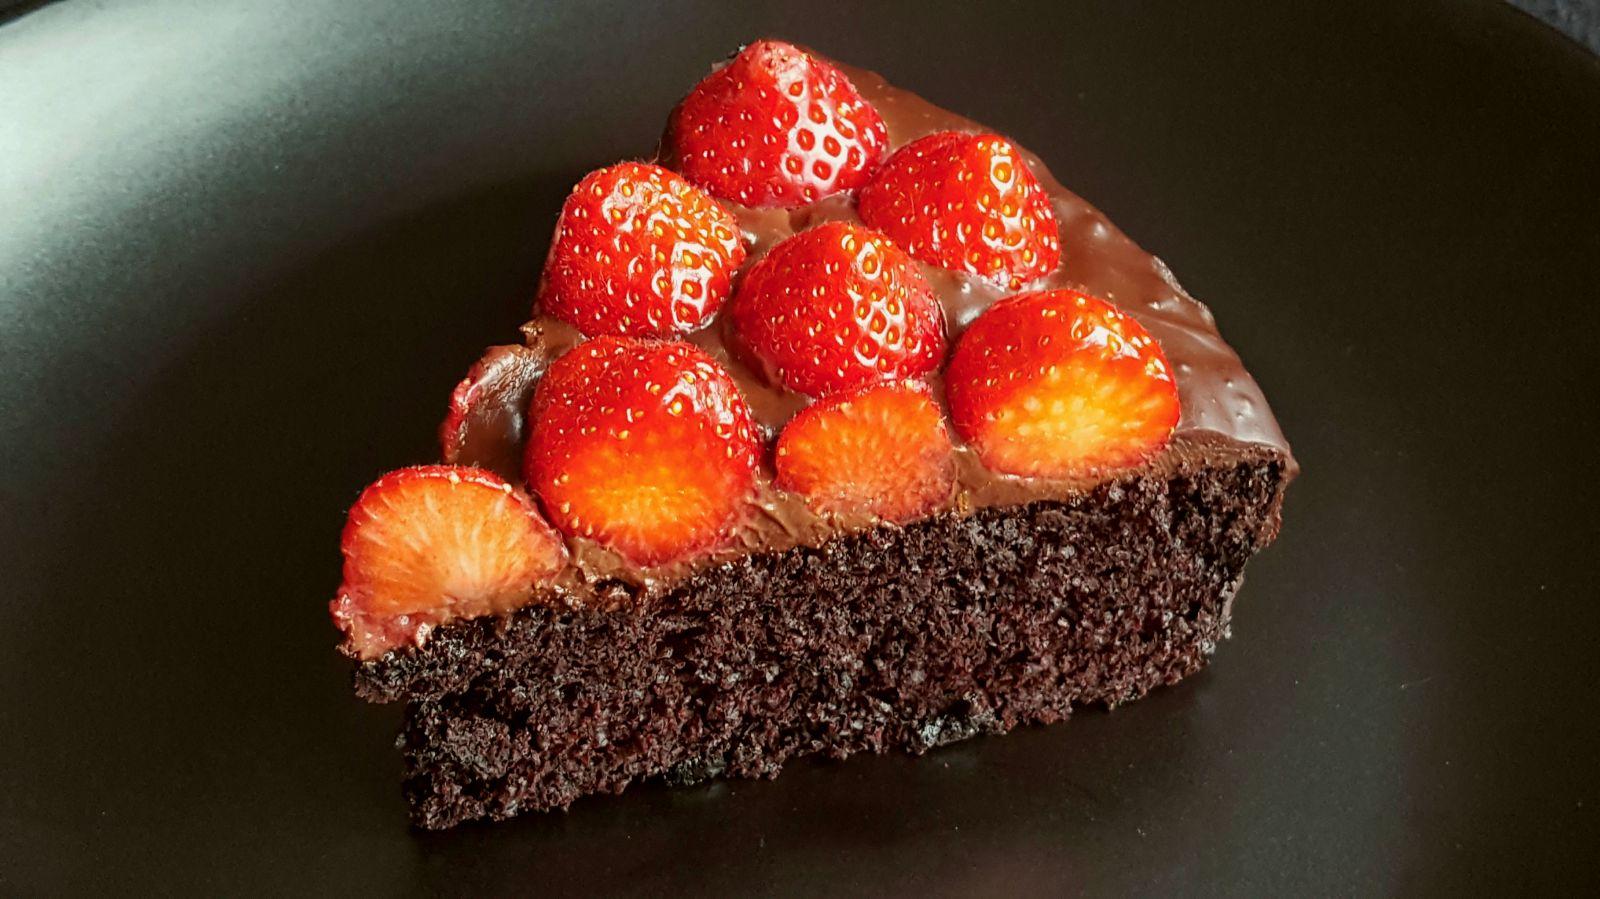 Punt chocoladetaart met aardbeien